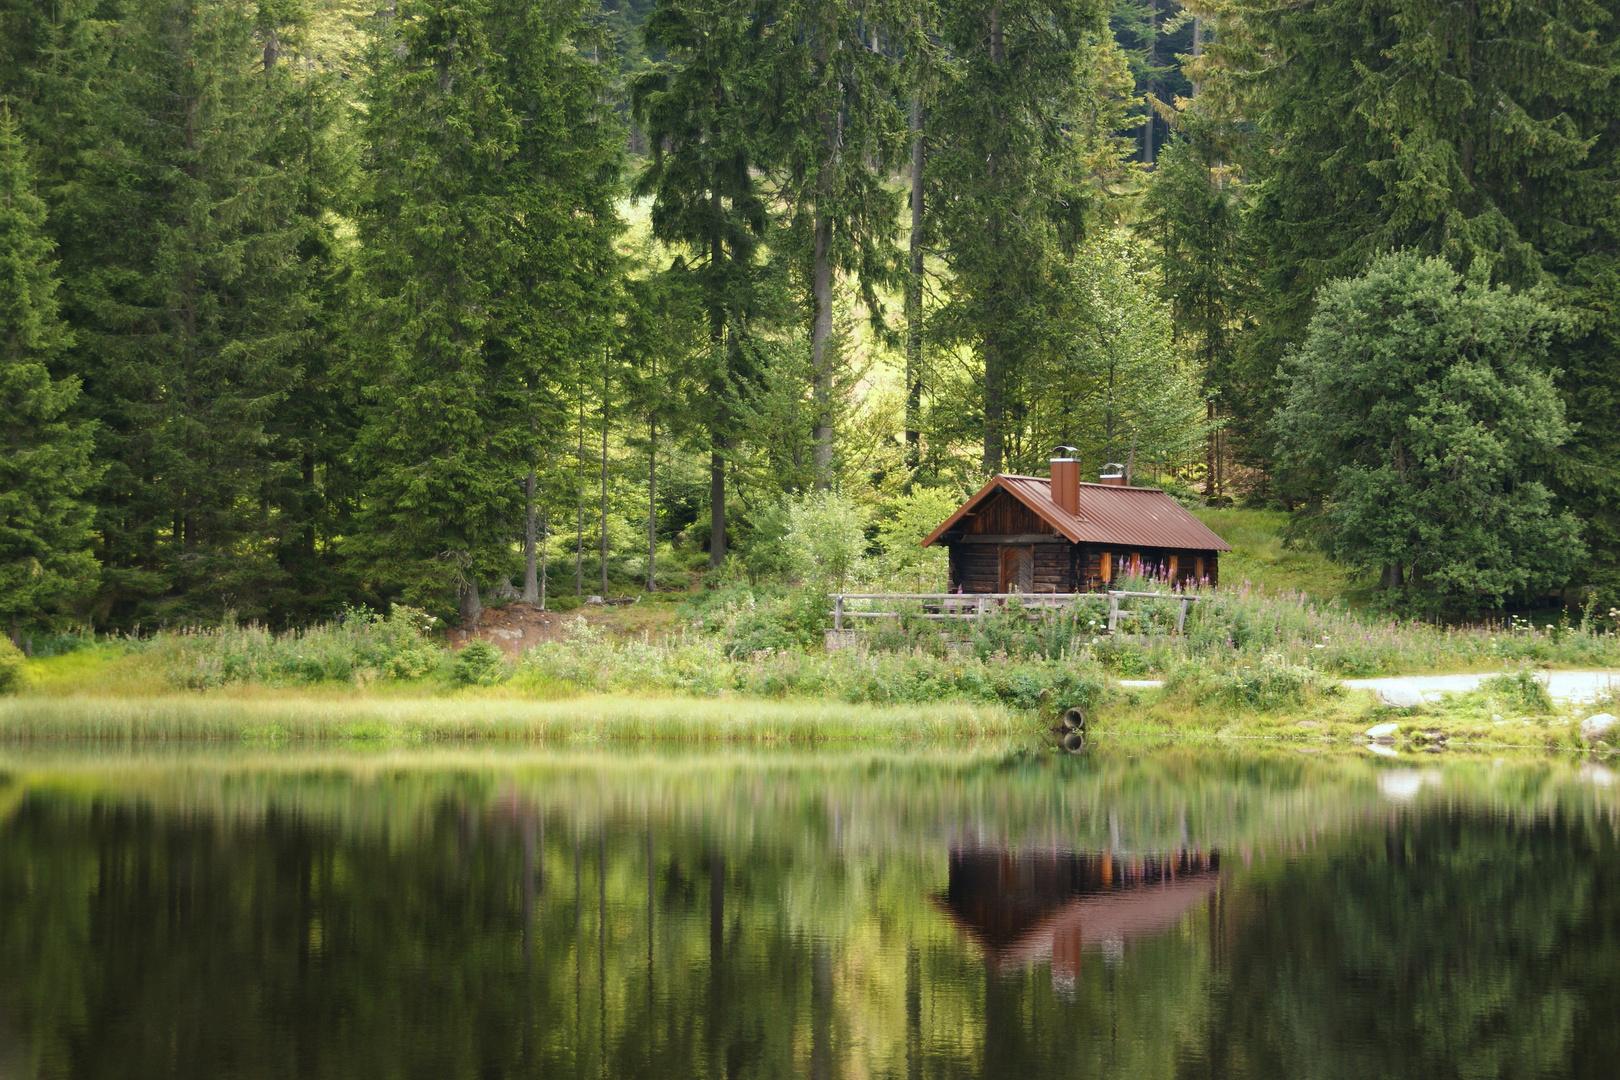 eine einsame h tte am see foto bild landschaft bach fluss see see teich t mpel. Black Bedroom Furniture Sets. Home Design Ideas